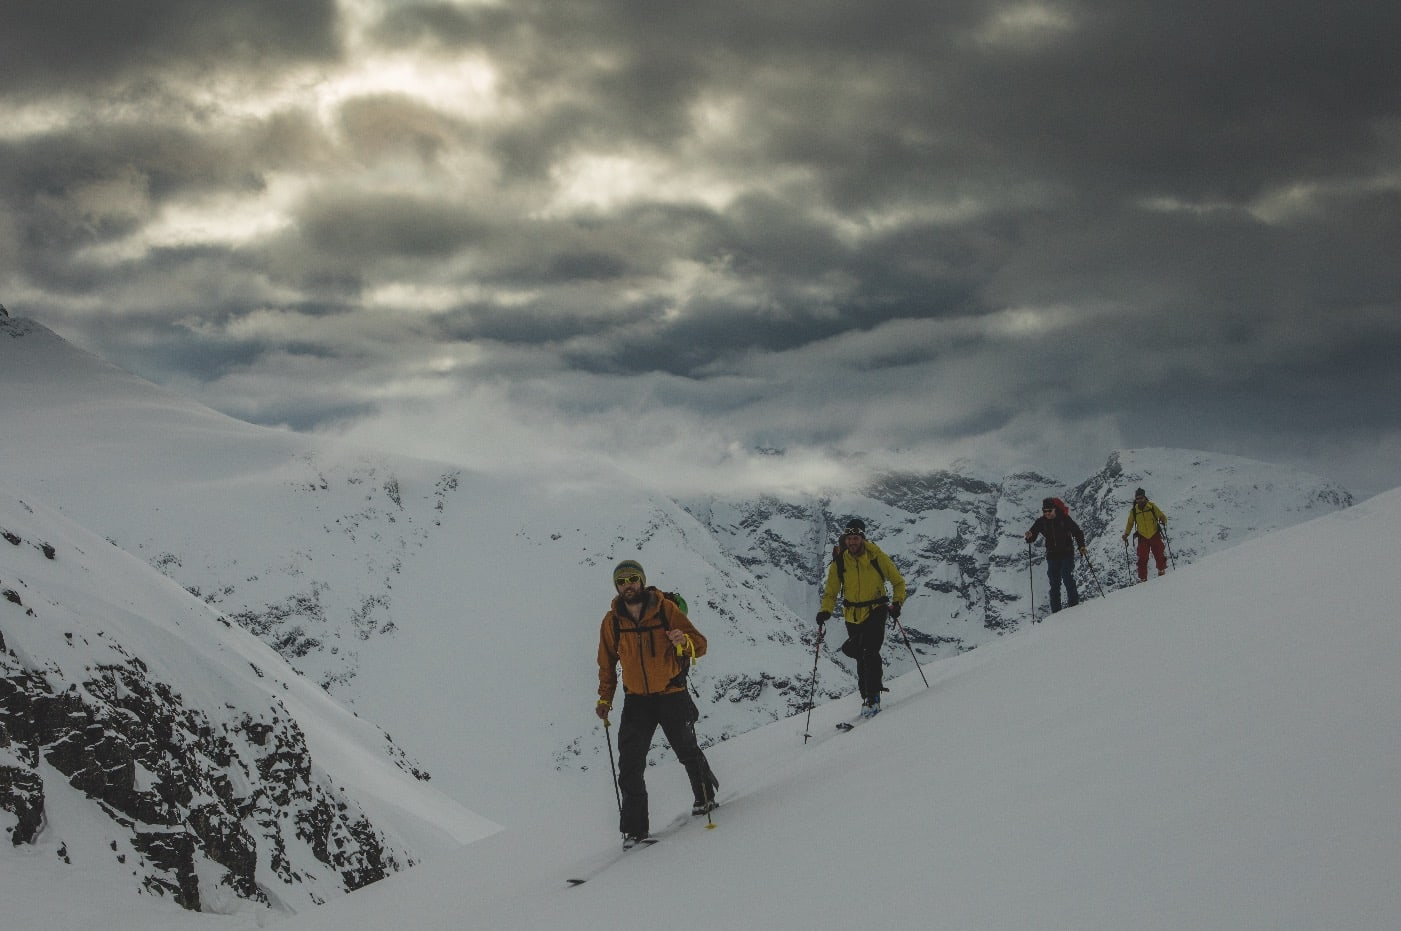 Skimaker Endre Hals leder an på første dag, fra Grøvdal opp mot Svartvassbu, mens skylaget gjør seg klar til litt påfyll av snø over natten. Foto: Matti Bernitz Pedersen